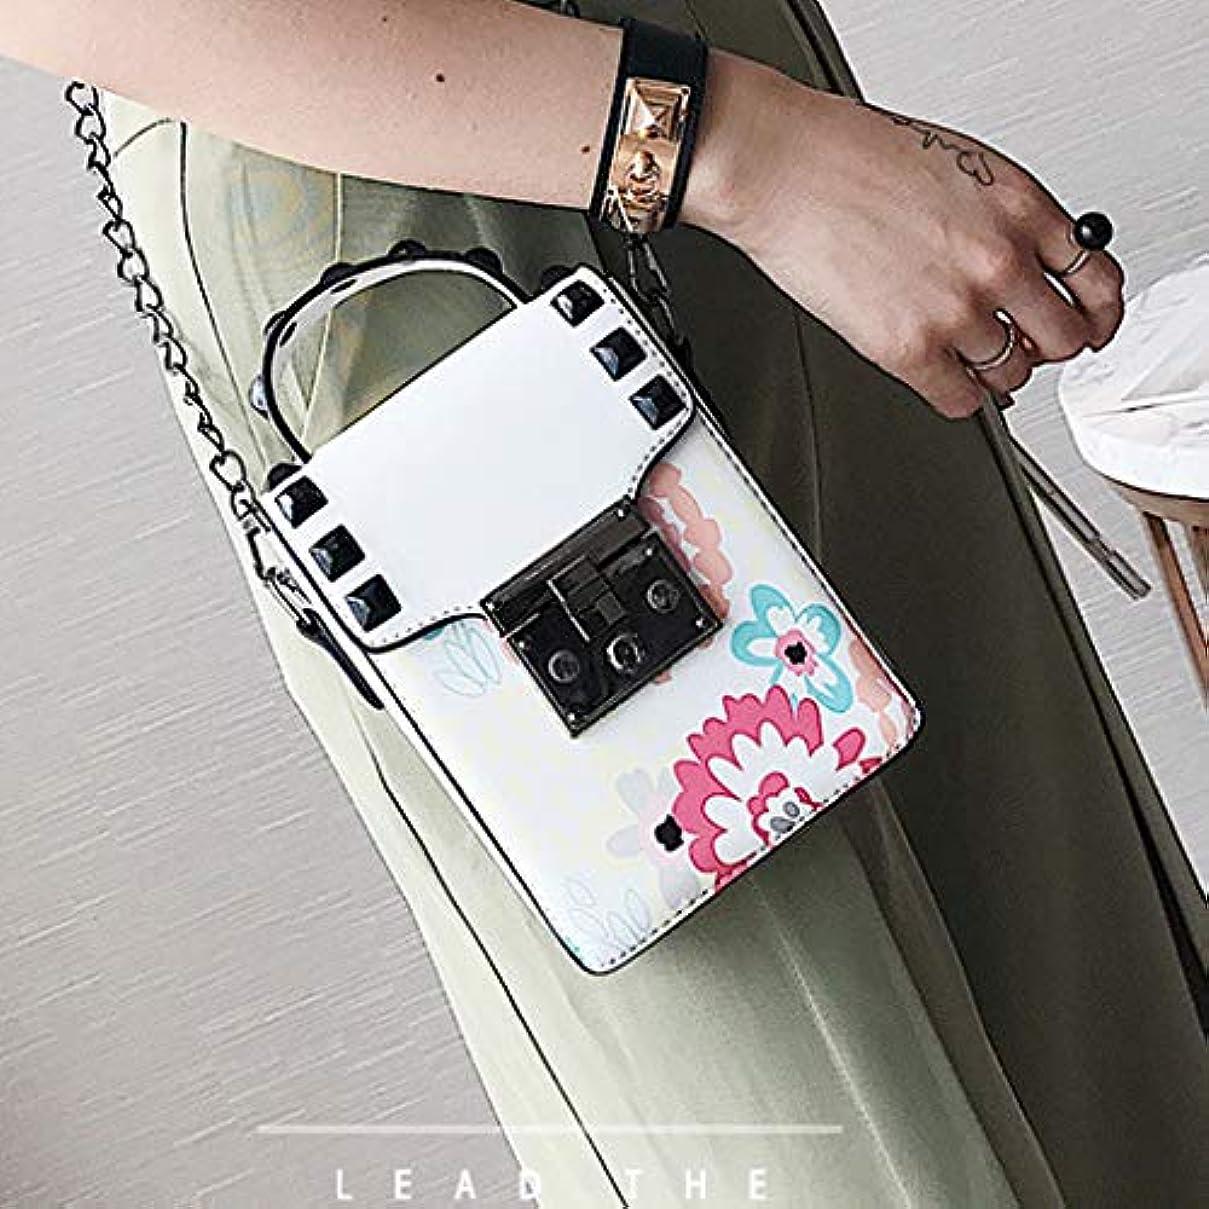 ブロー私達波紋女性印刷リベットチェーンショルダーバッグレディースキャンパススタイルクロスボディバッグ、ファッショントレンド新しいクロスボディバッグ、チェーンレディース小さなバッグ、プリントパターントレンド小さな財布 (白)